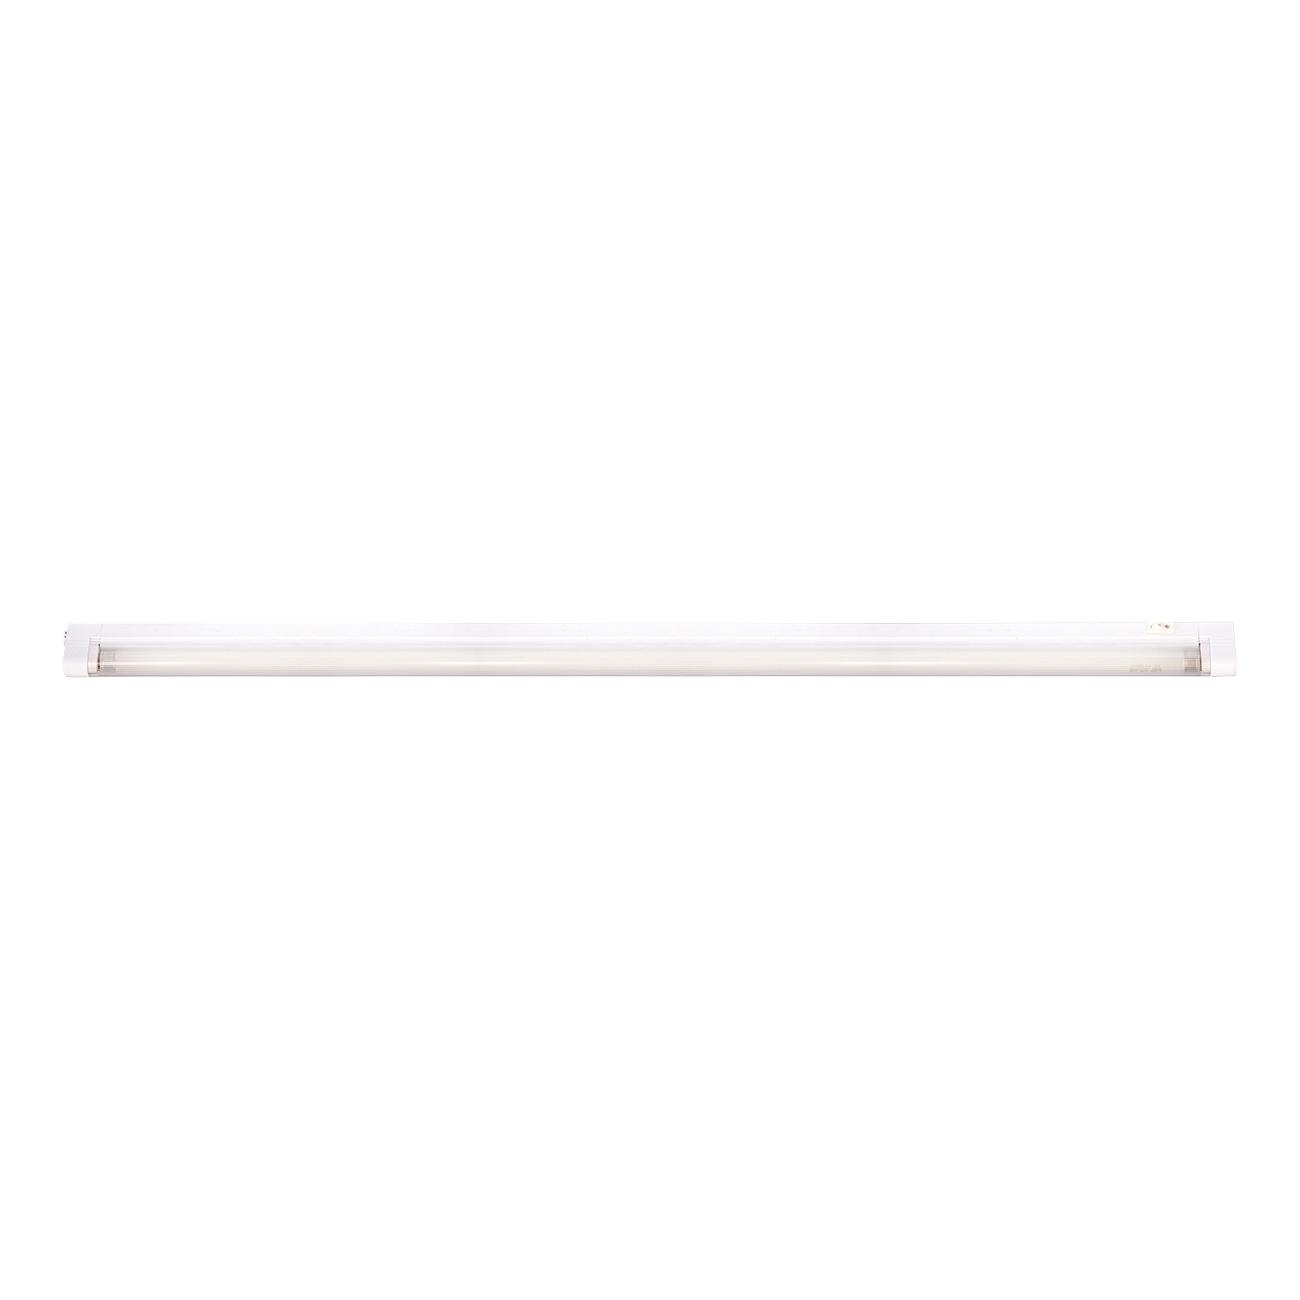 Zářivkové podlinkové svítidlo KABINET 21W/T5/840 - Greenlux (GXIP003)